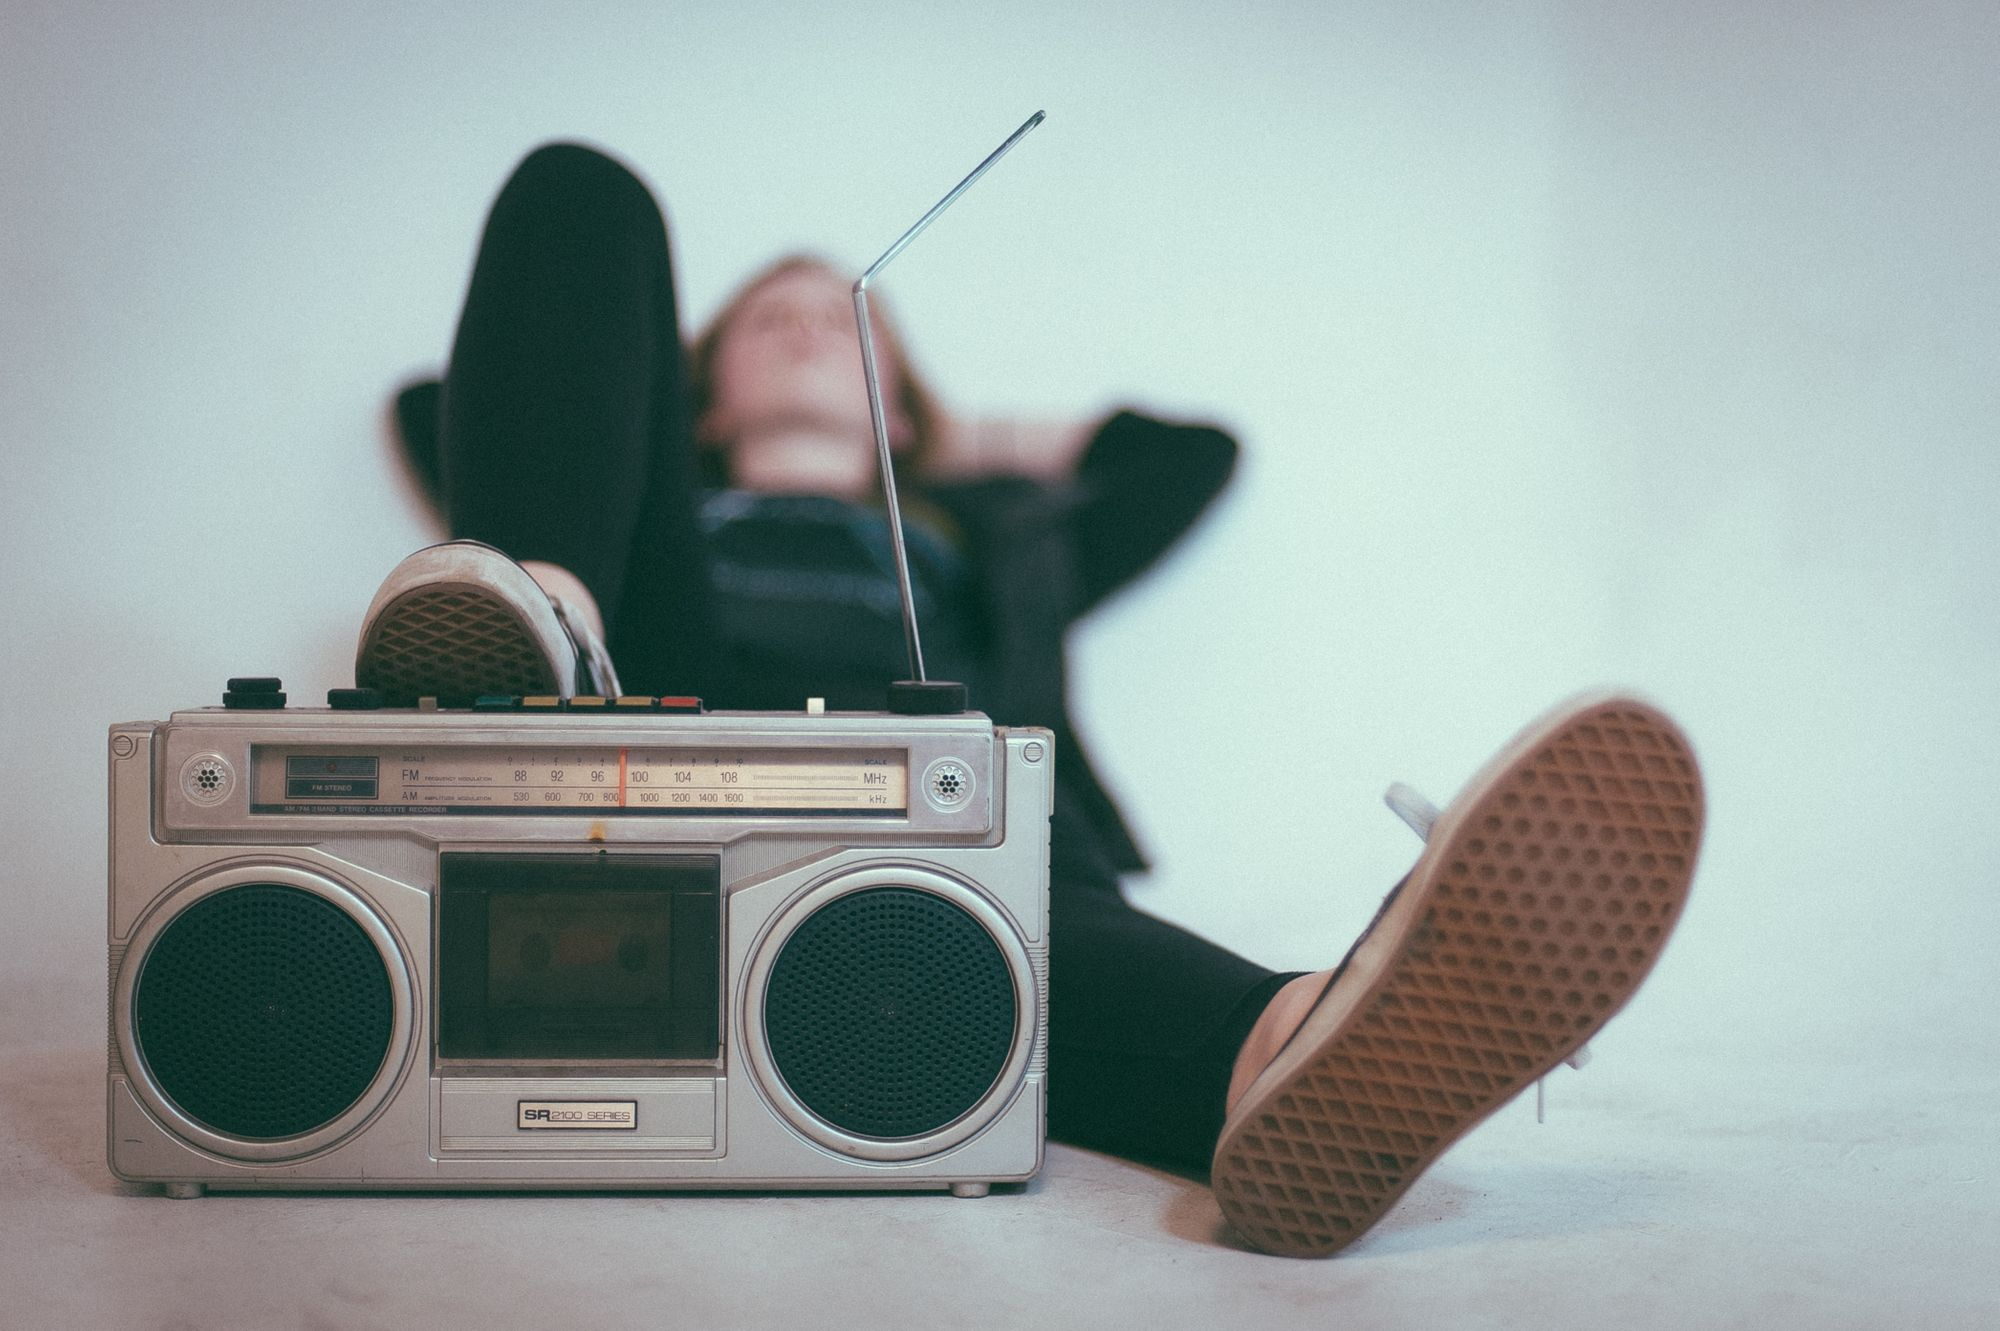 Fall 2020 Toronto Radio Ratings